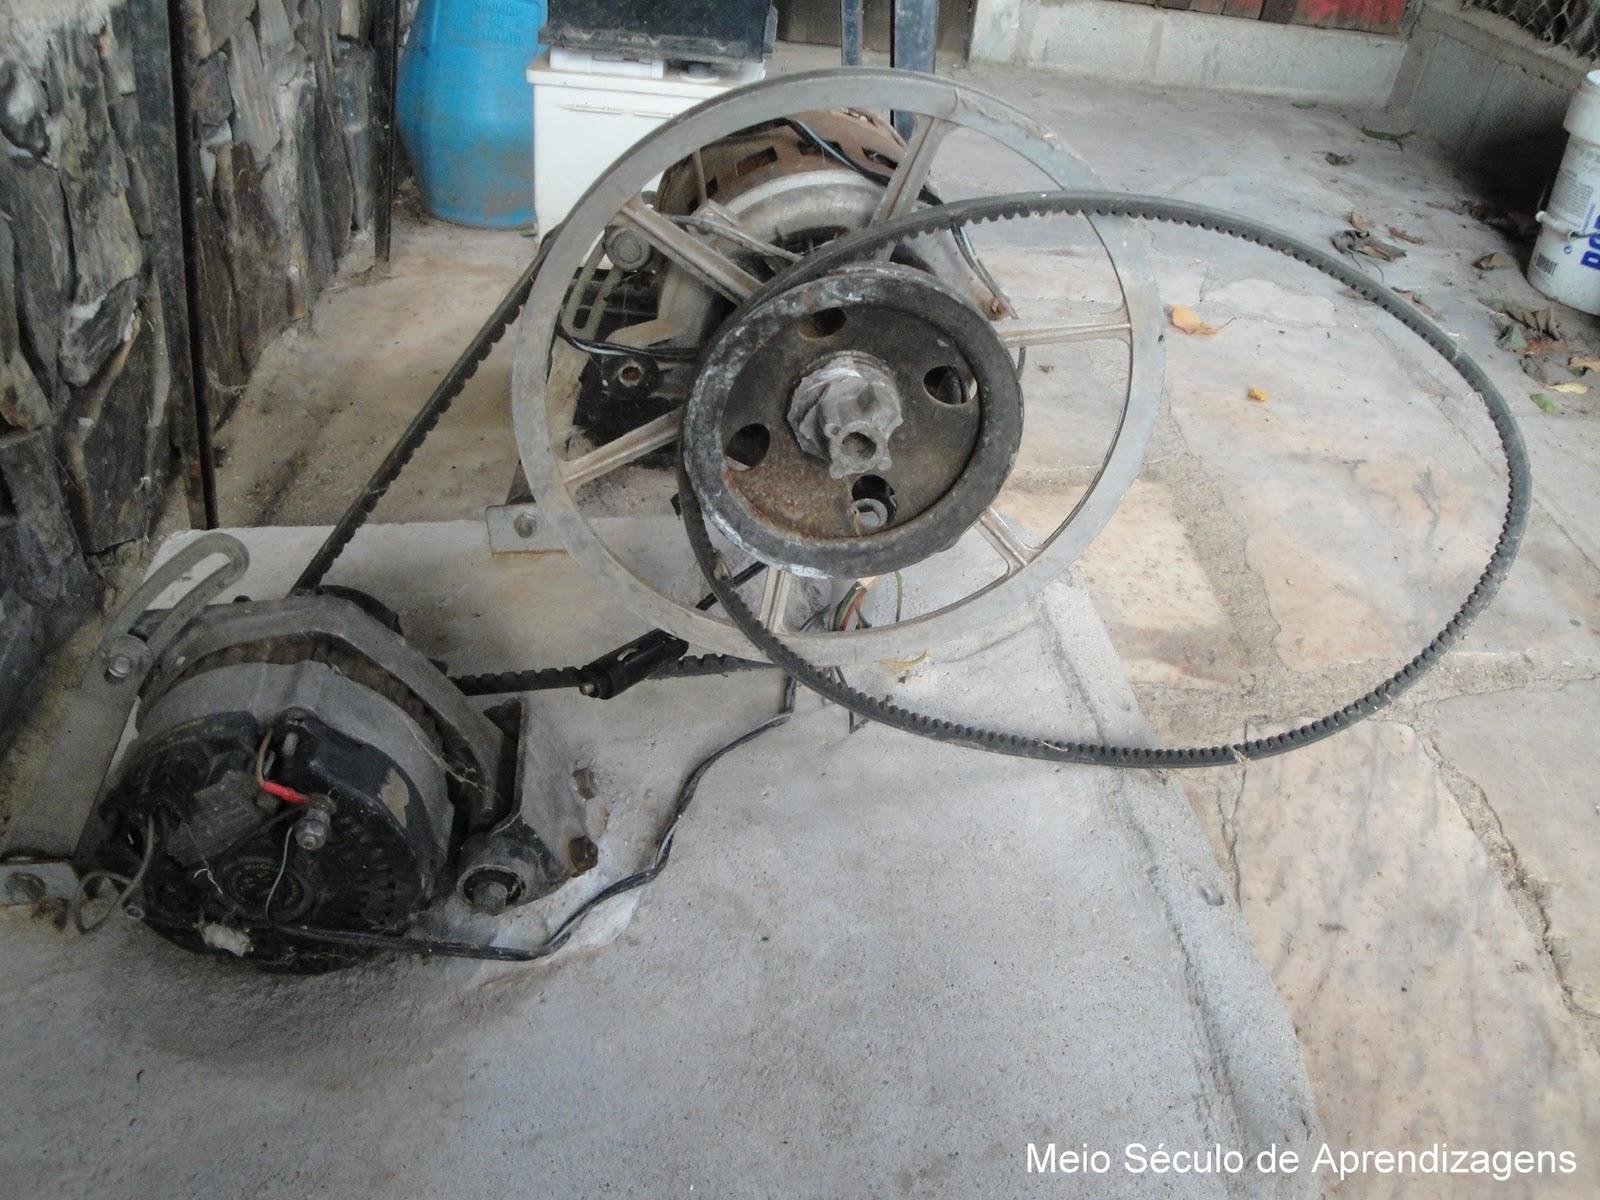 4b6f48f1a62 Esta engenhoca era accionada por uma bicicleta estática e carregava  baterias. O motor da máquina de lavar